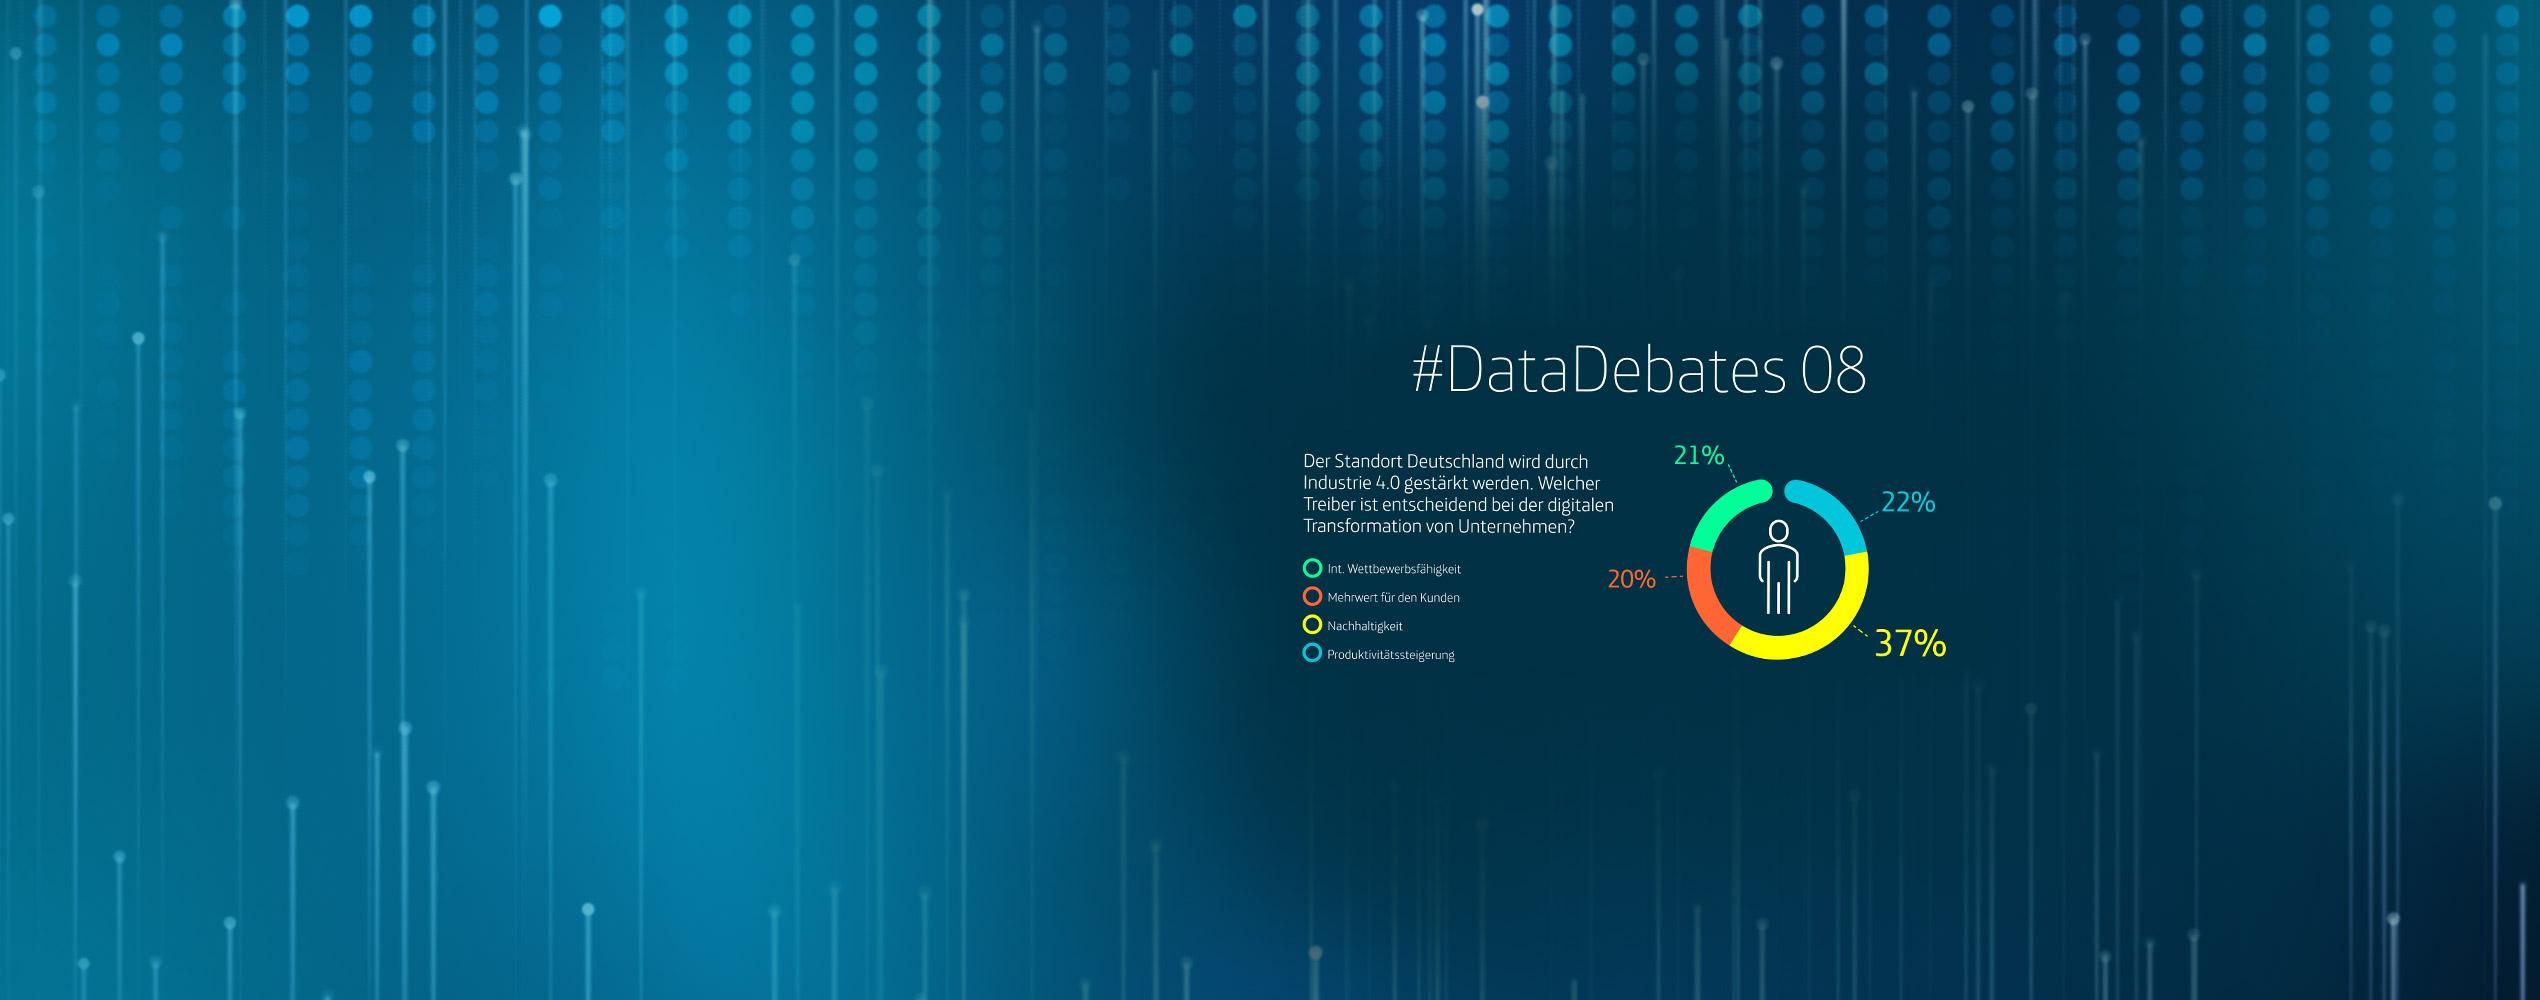 HEADER-TEF_infograph_DataDebates_201802_einzeln1-002-2540x1000